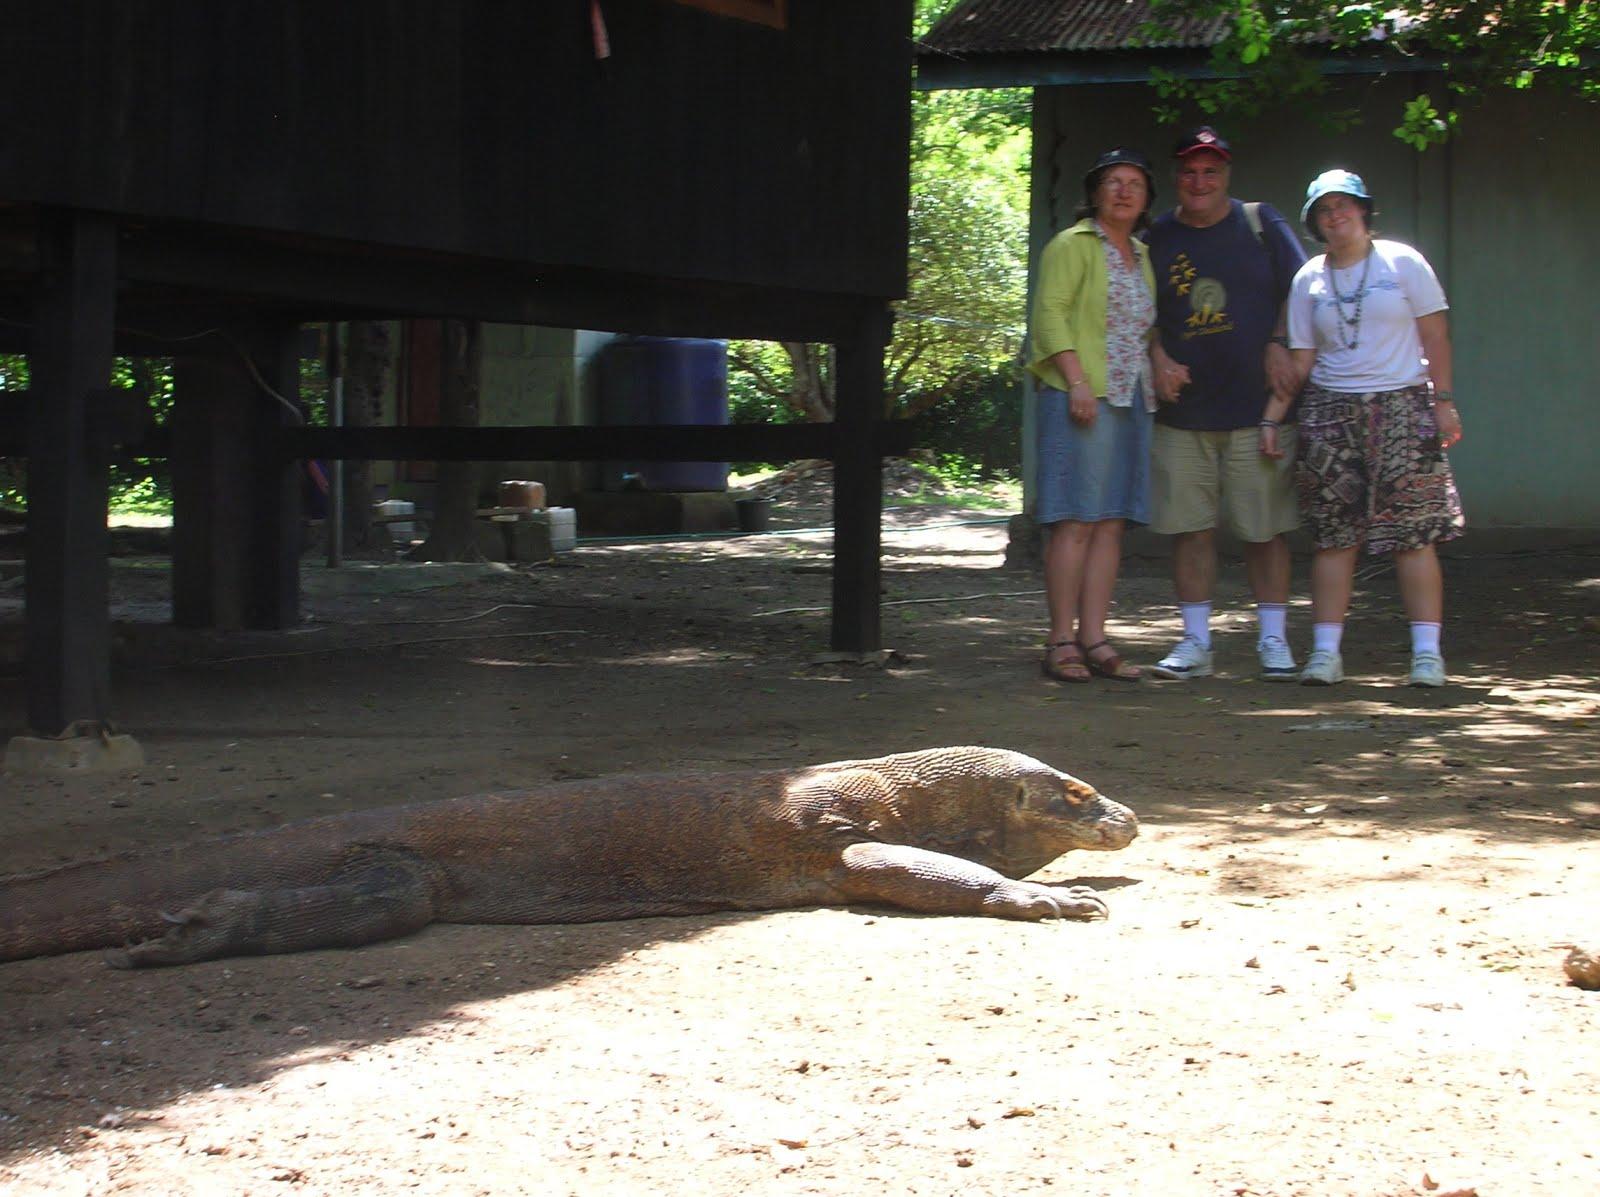 Dragón de Komodo, Parque Nacional de Komodo,Isla de Ricla, Isla de Flores, vuelta al mundo, round the world, La vuelta al mundo de Asun y Ricardo